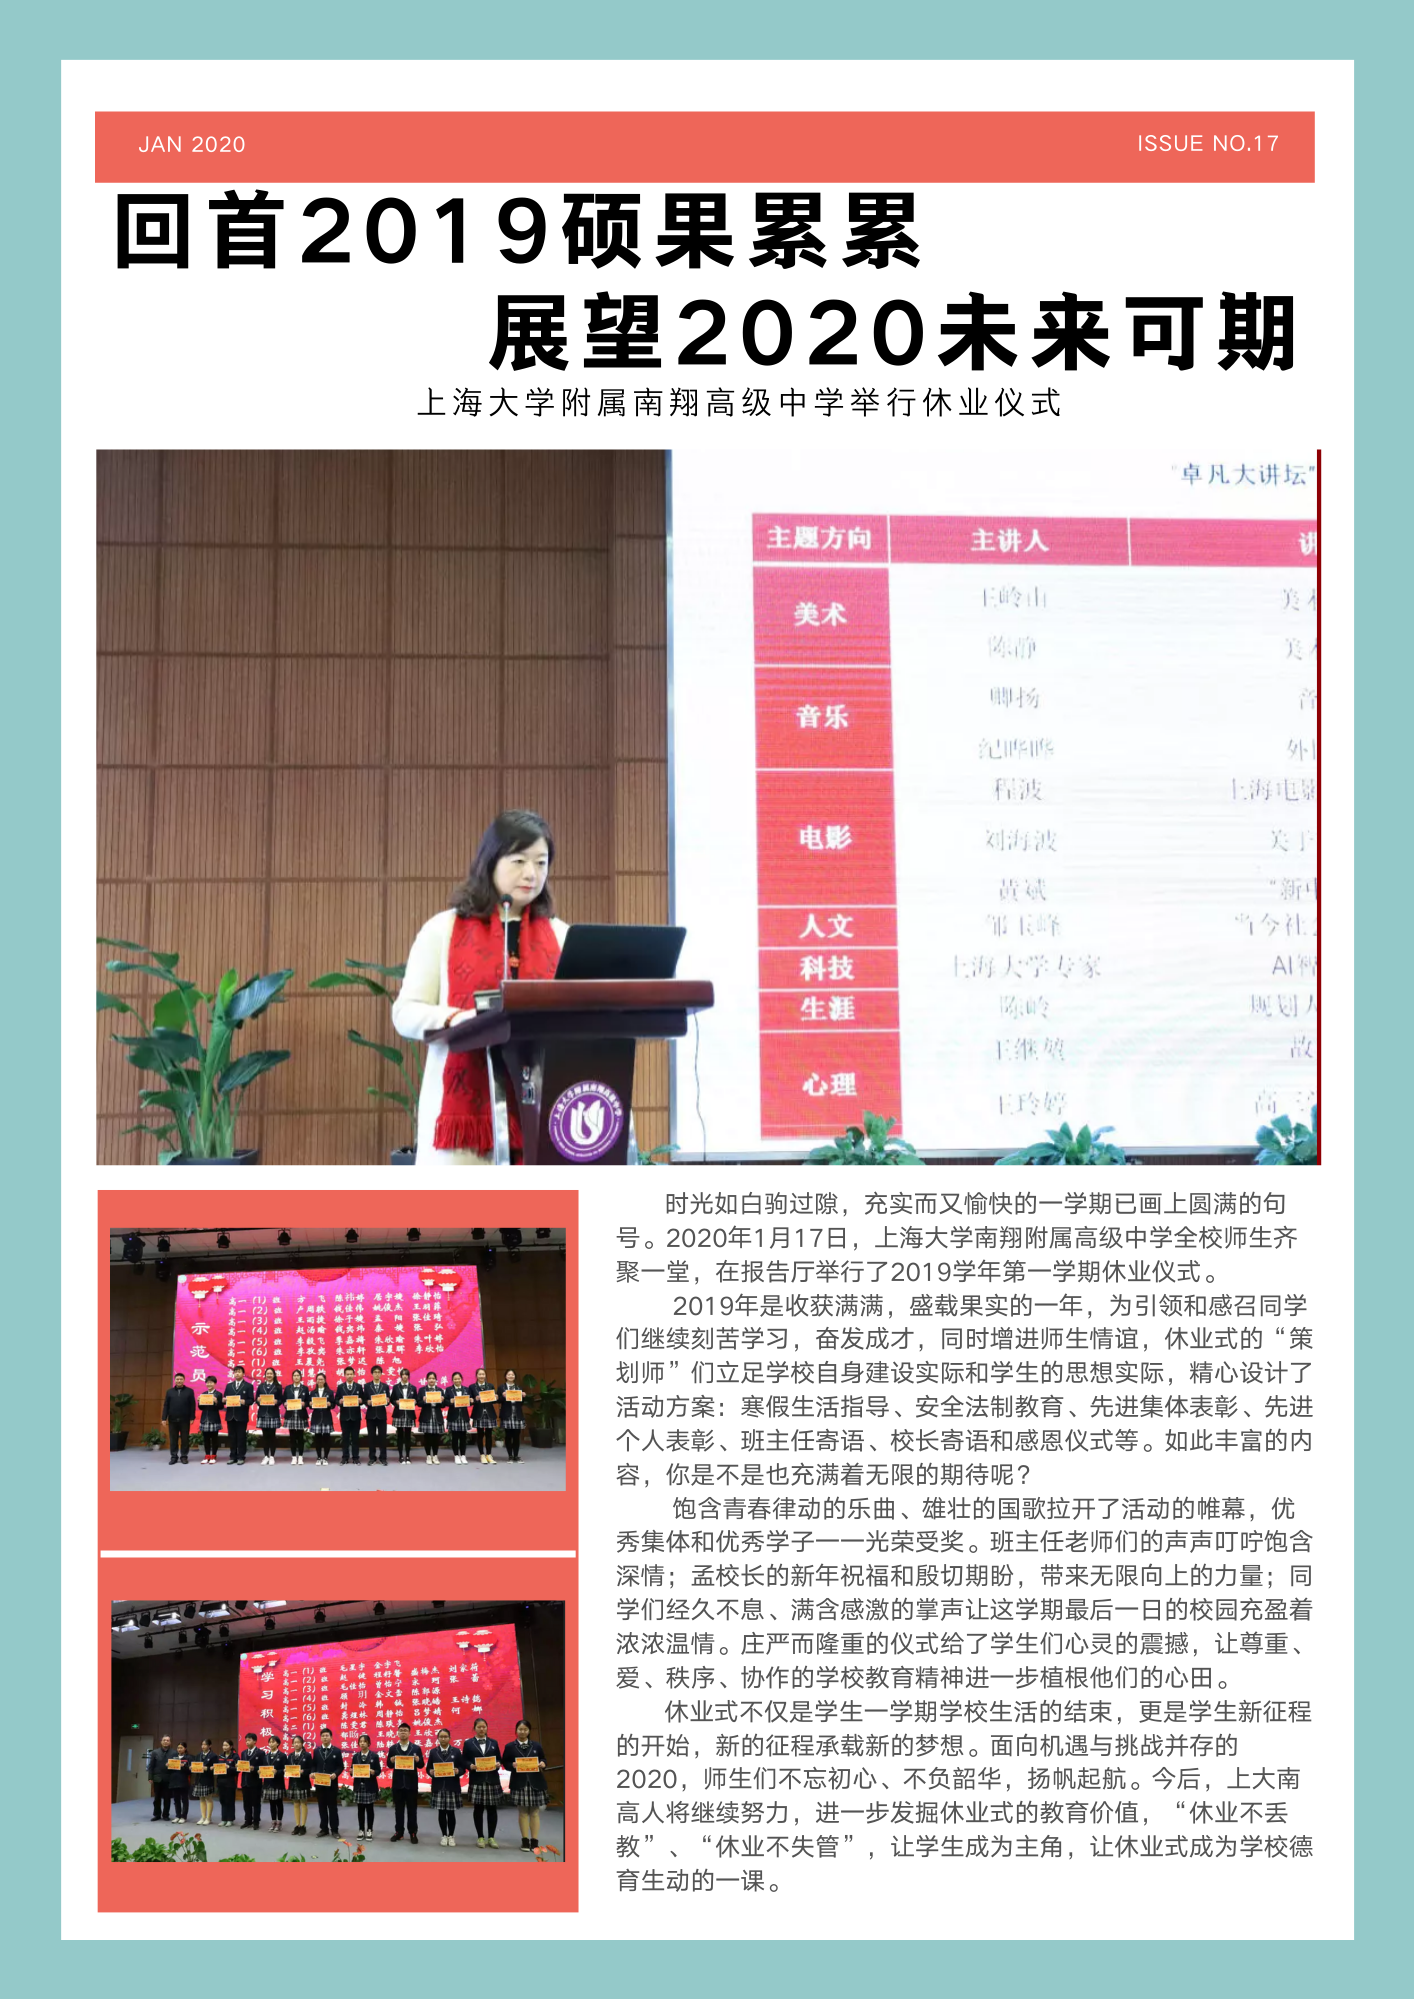 微信图片_20200120164400.png